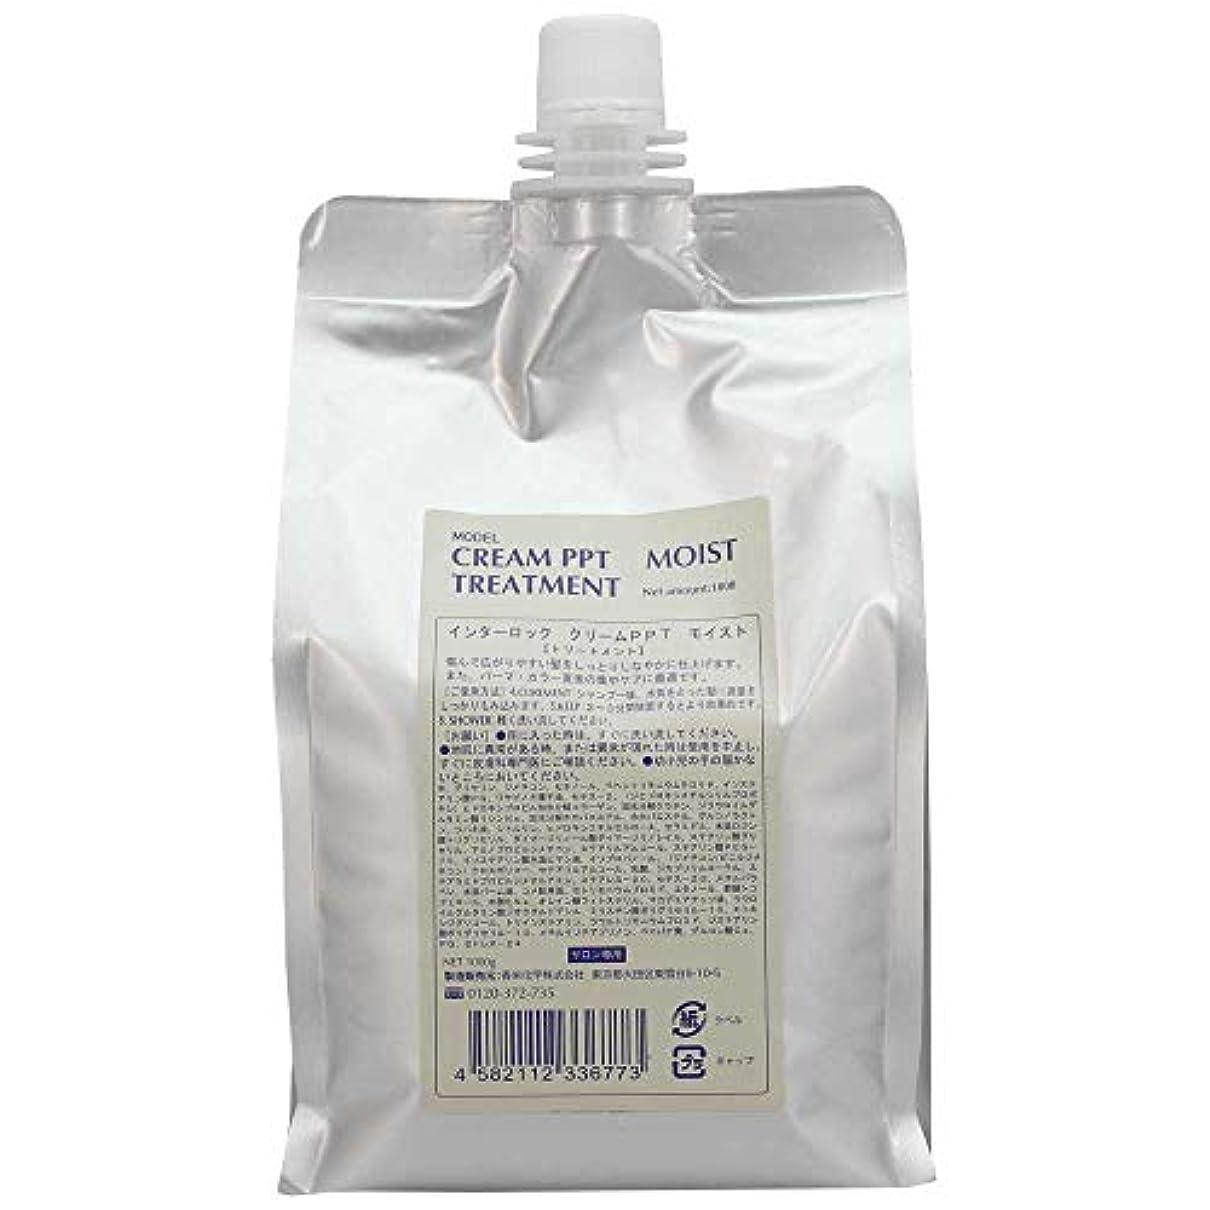 蒸留組立幼児香栄化学 クリームPPTモイスト 1000g 詰め替え (トリートメント)